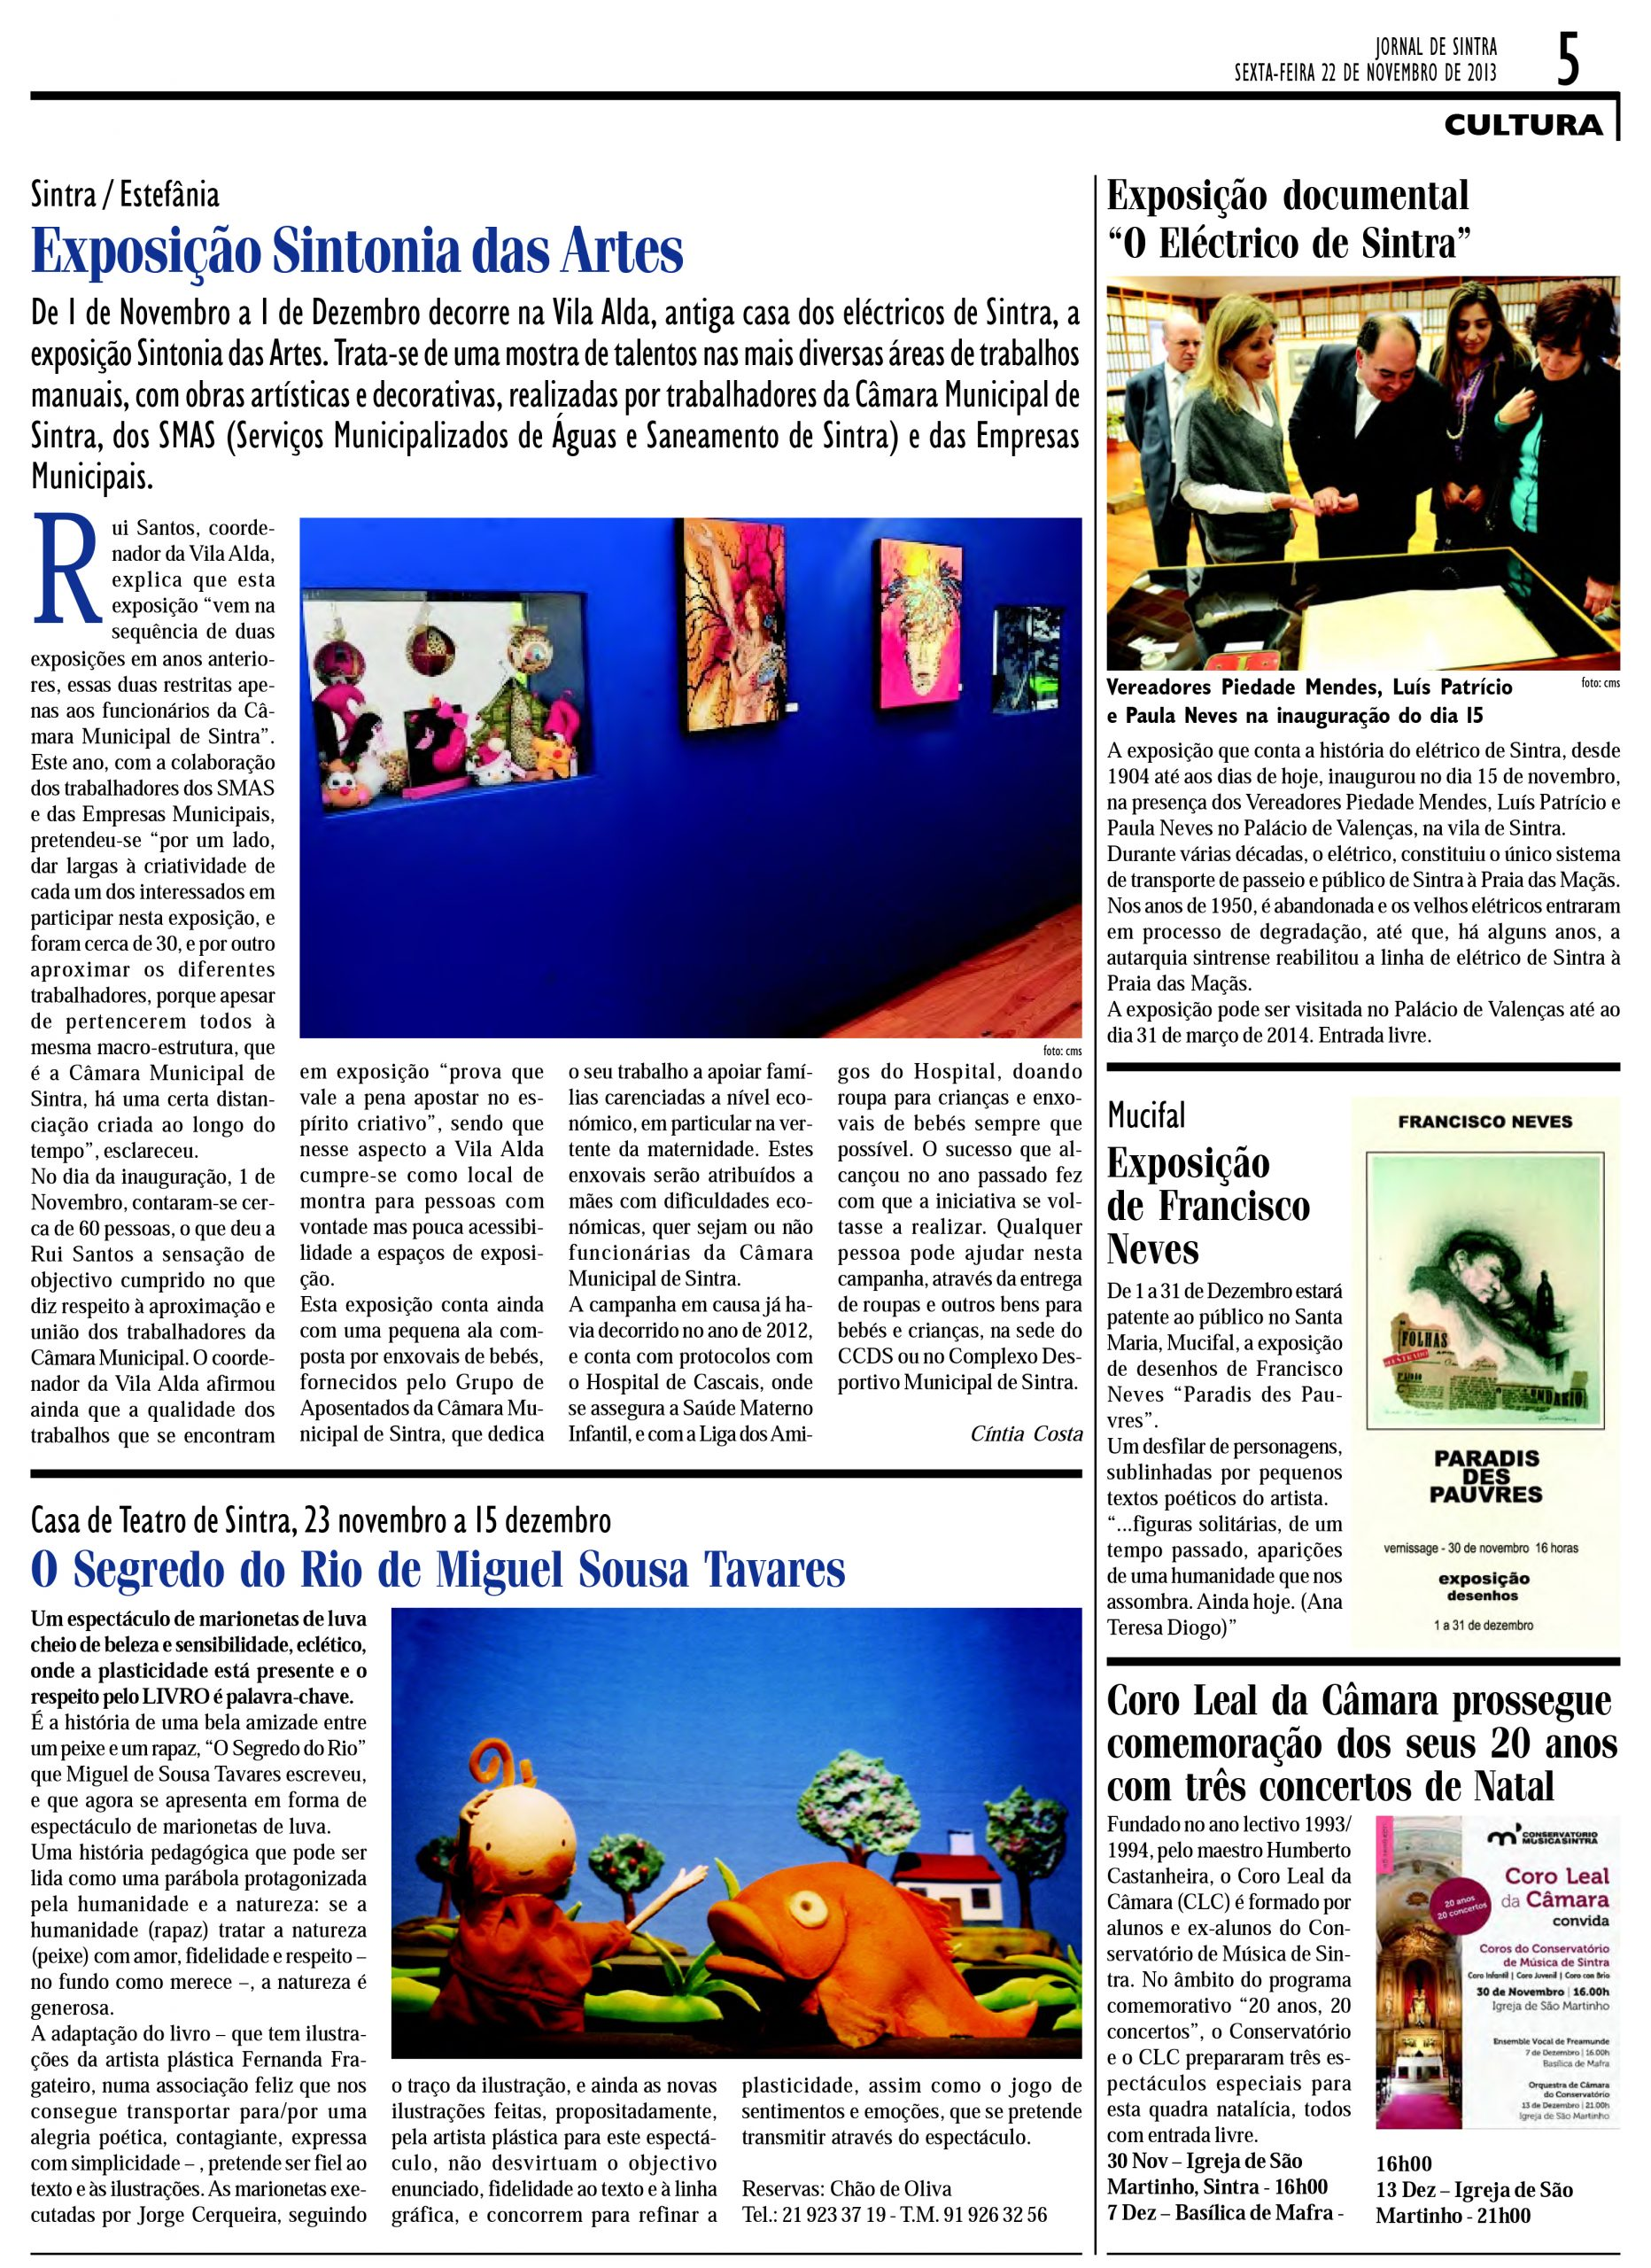 Exposição Sintonia das Artes